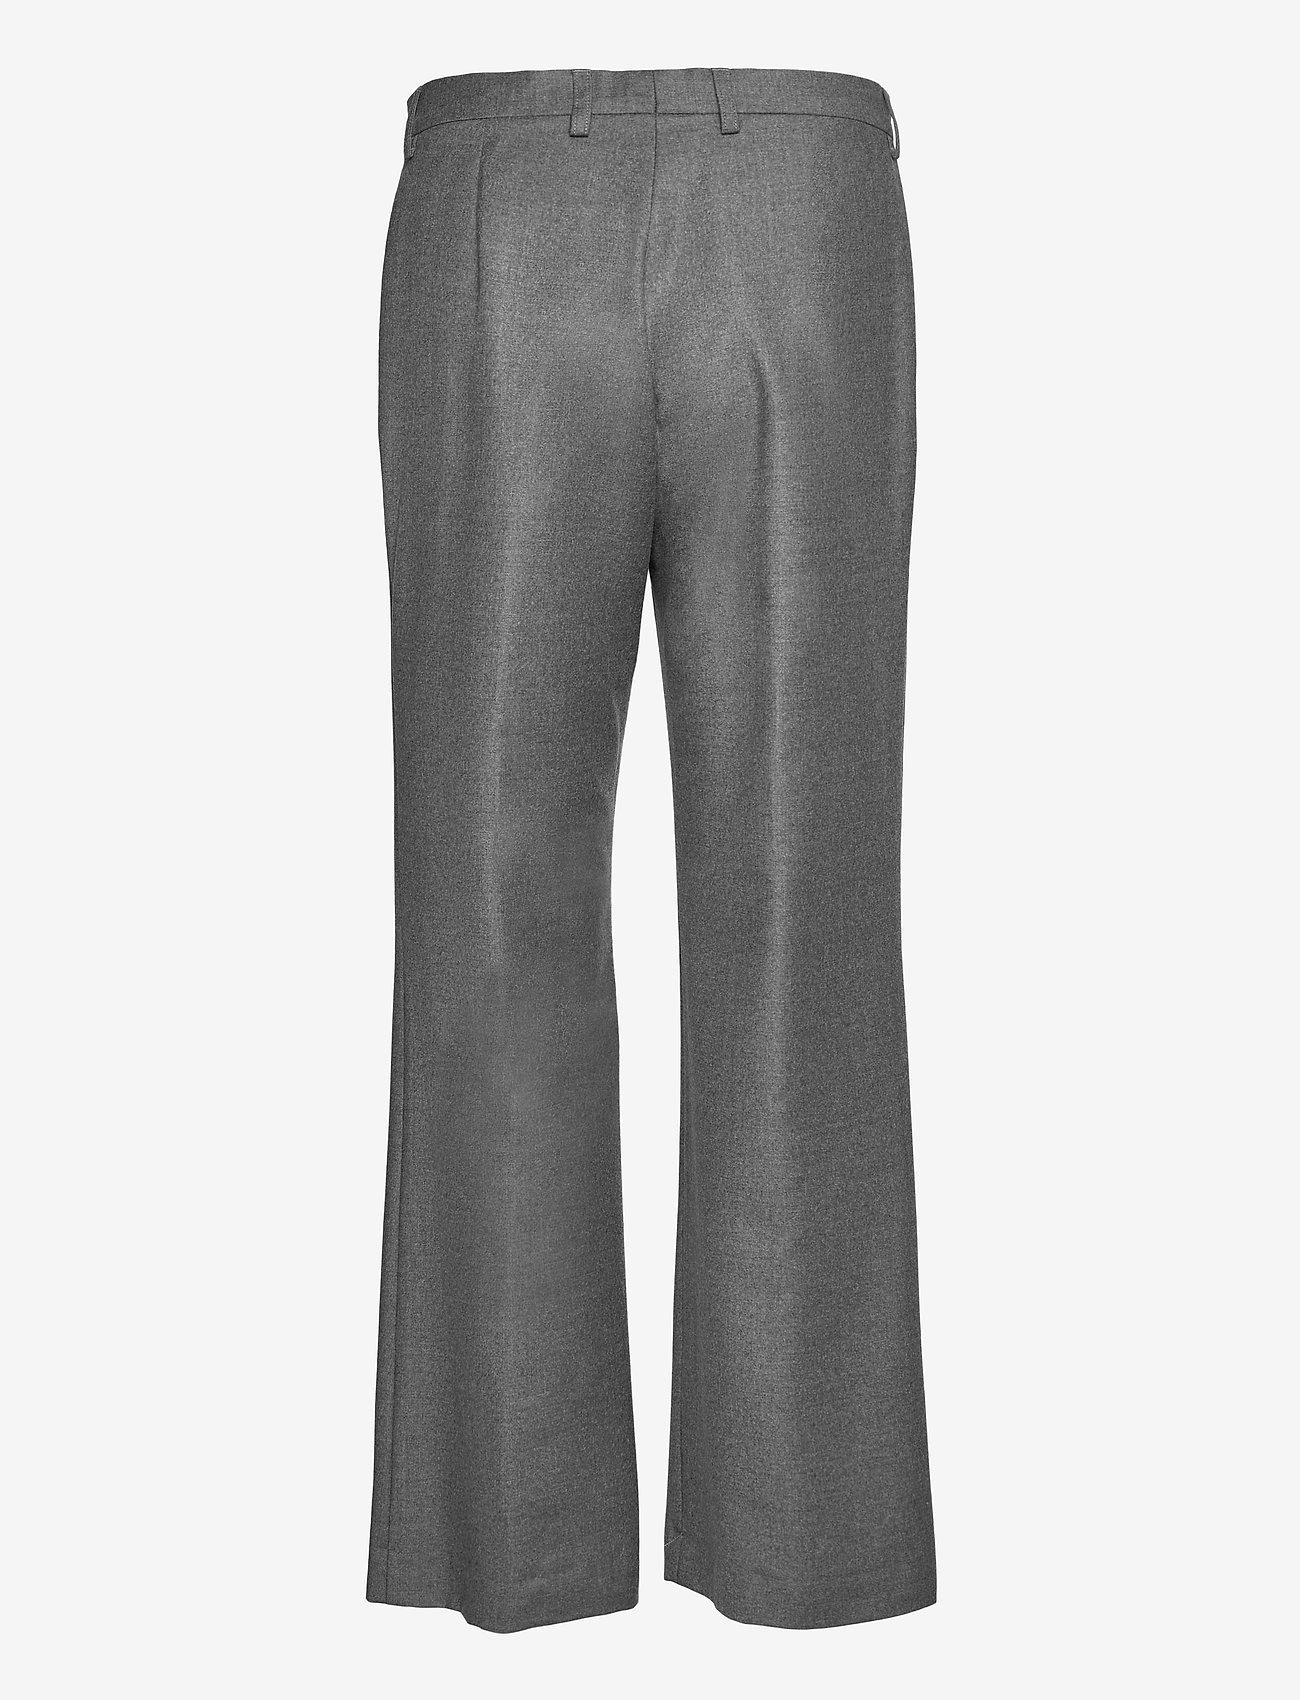 SAND - 1698 - Sasha Tailored - uitlopende broeken - grey - 1